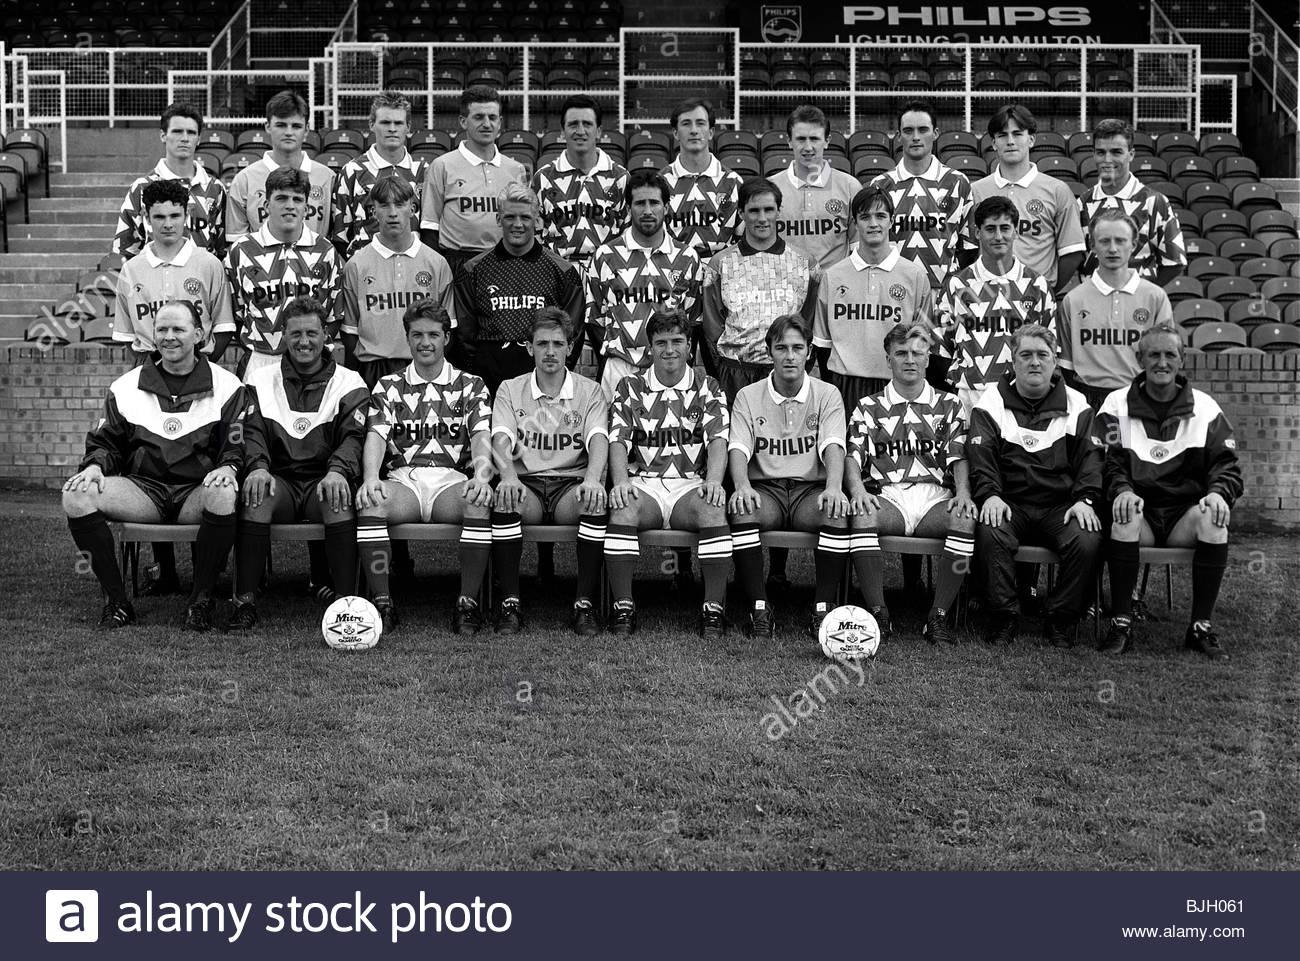 SEASON 1991/1992 HAMILTON Hamilton squad picture - Stock Image